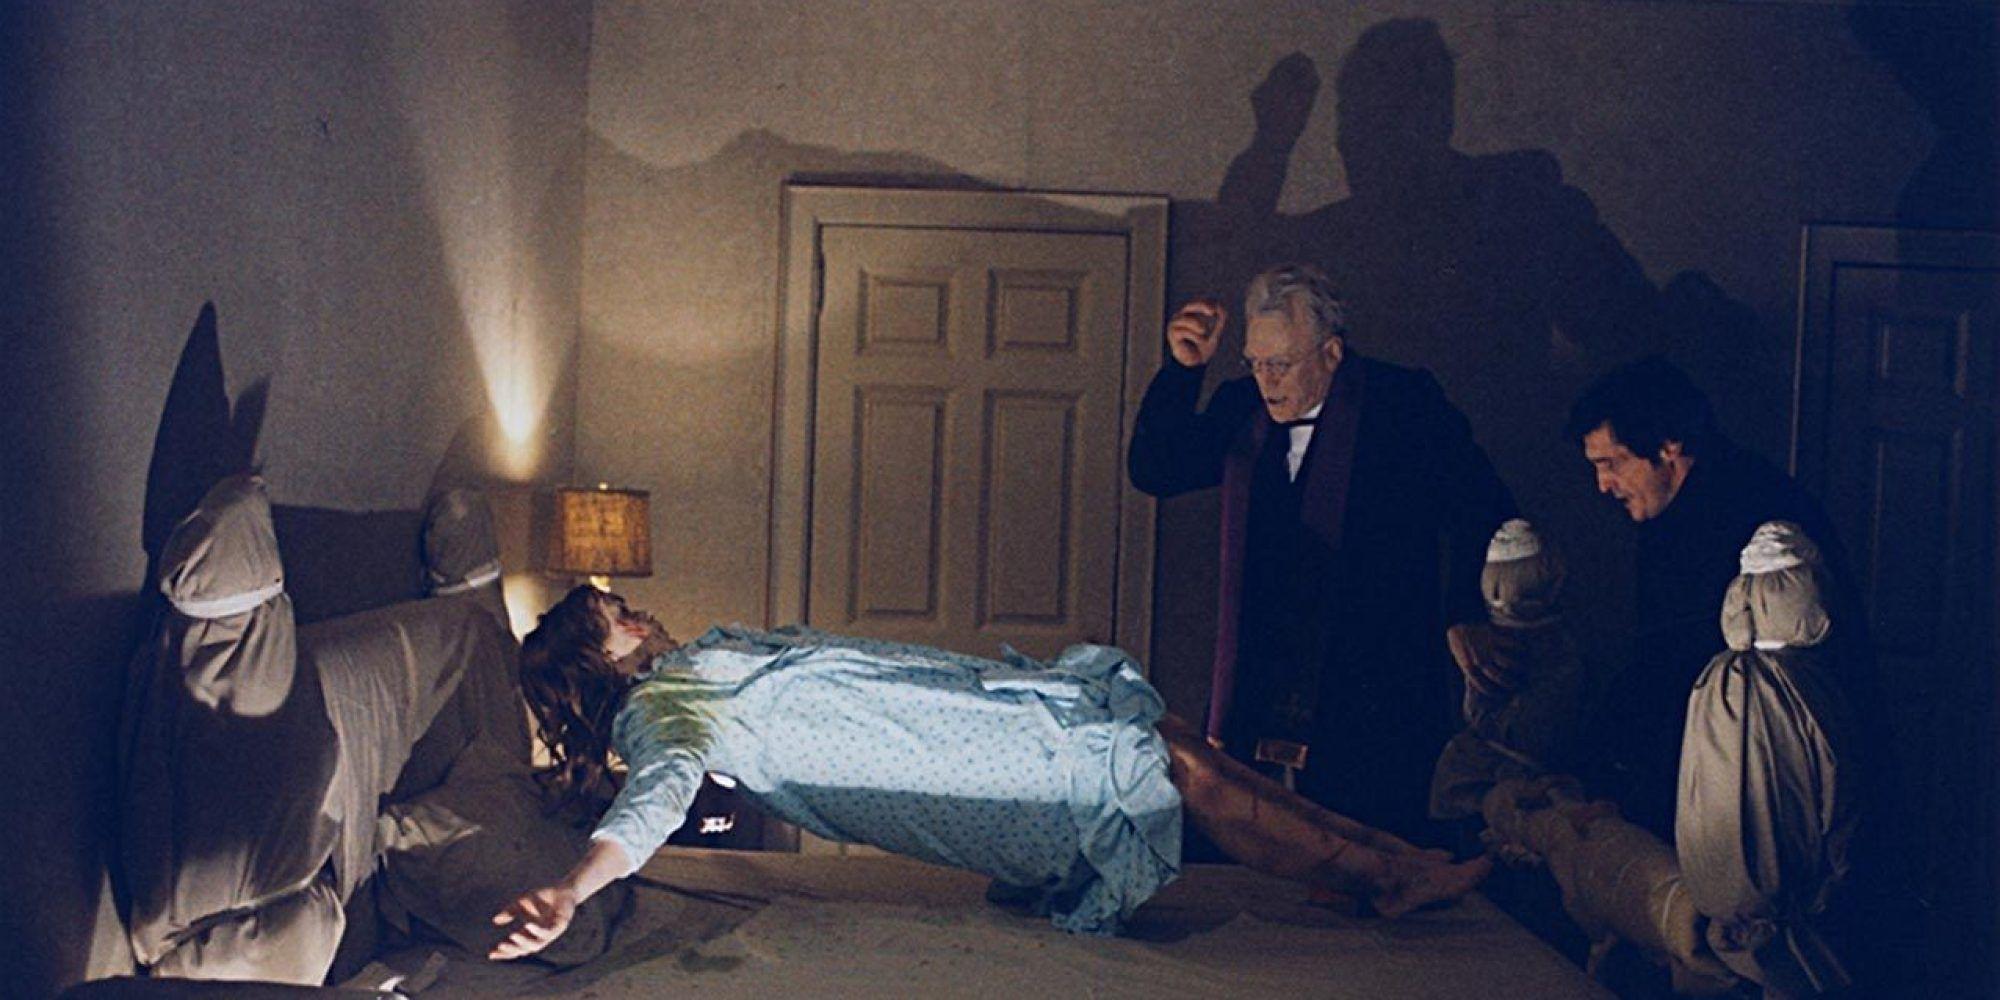 the-exorcist-1973-exorcism